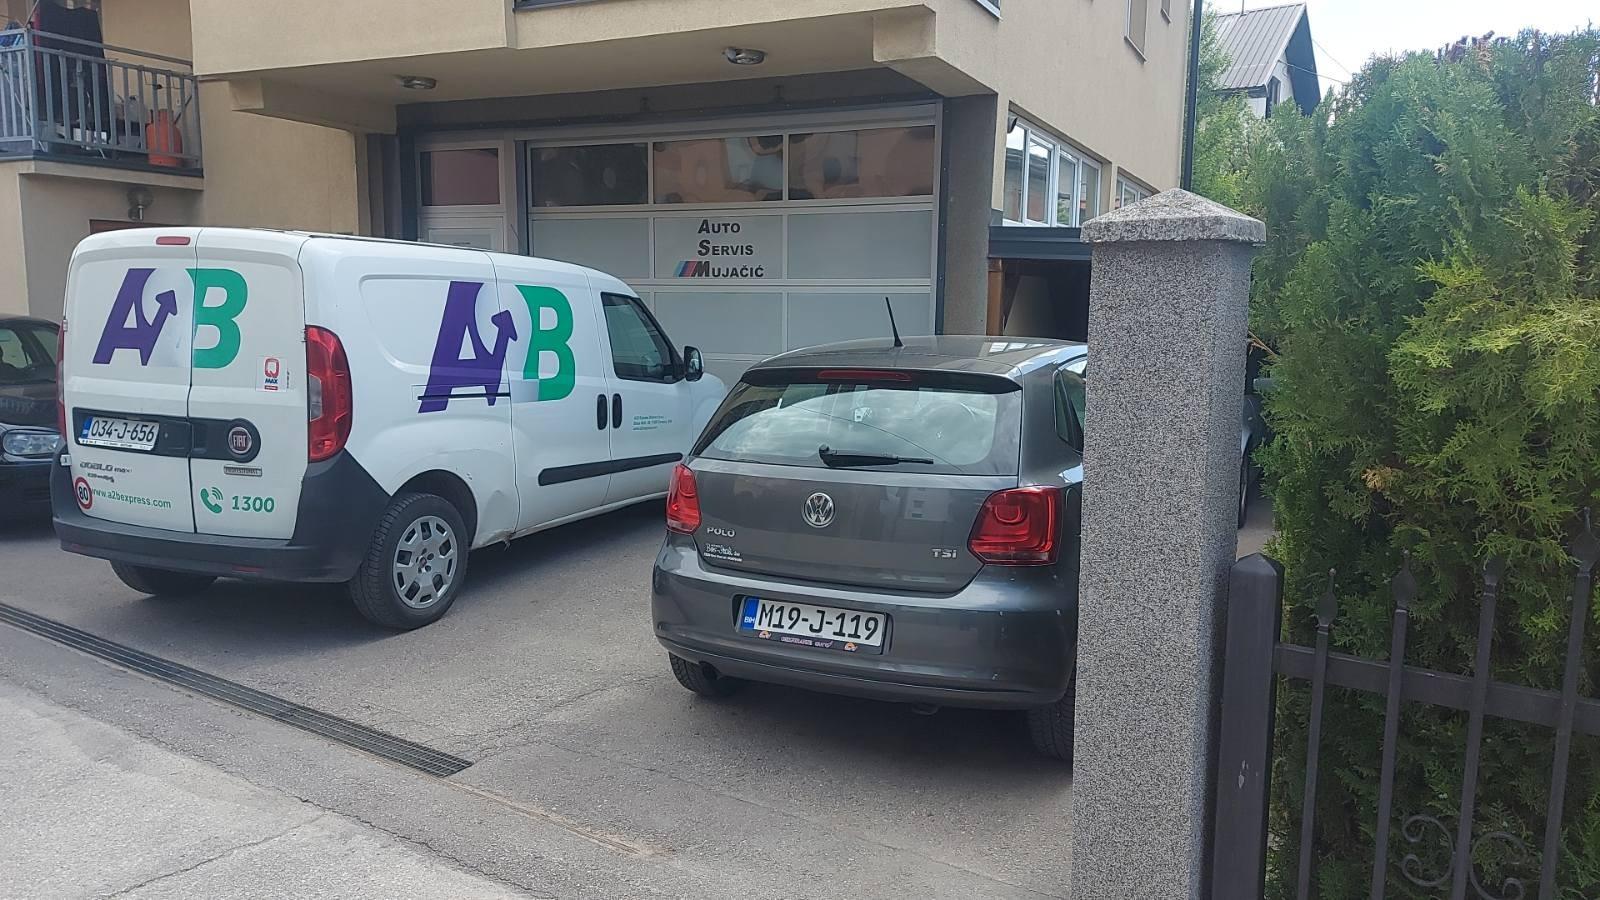 Auto Servis Mujačić photo-0